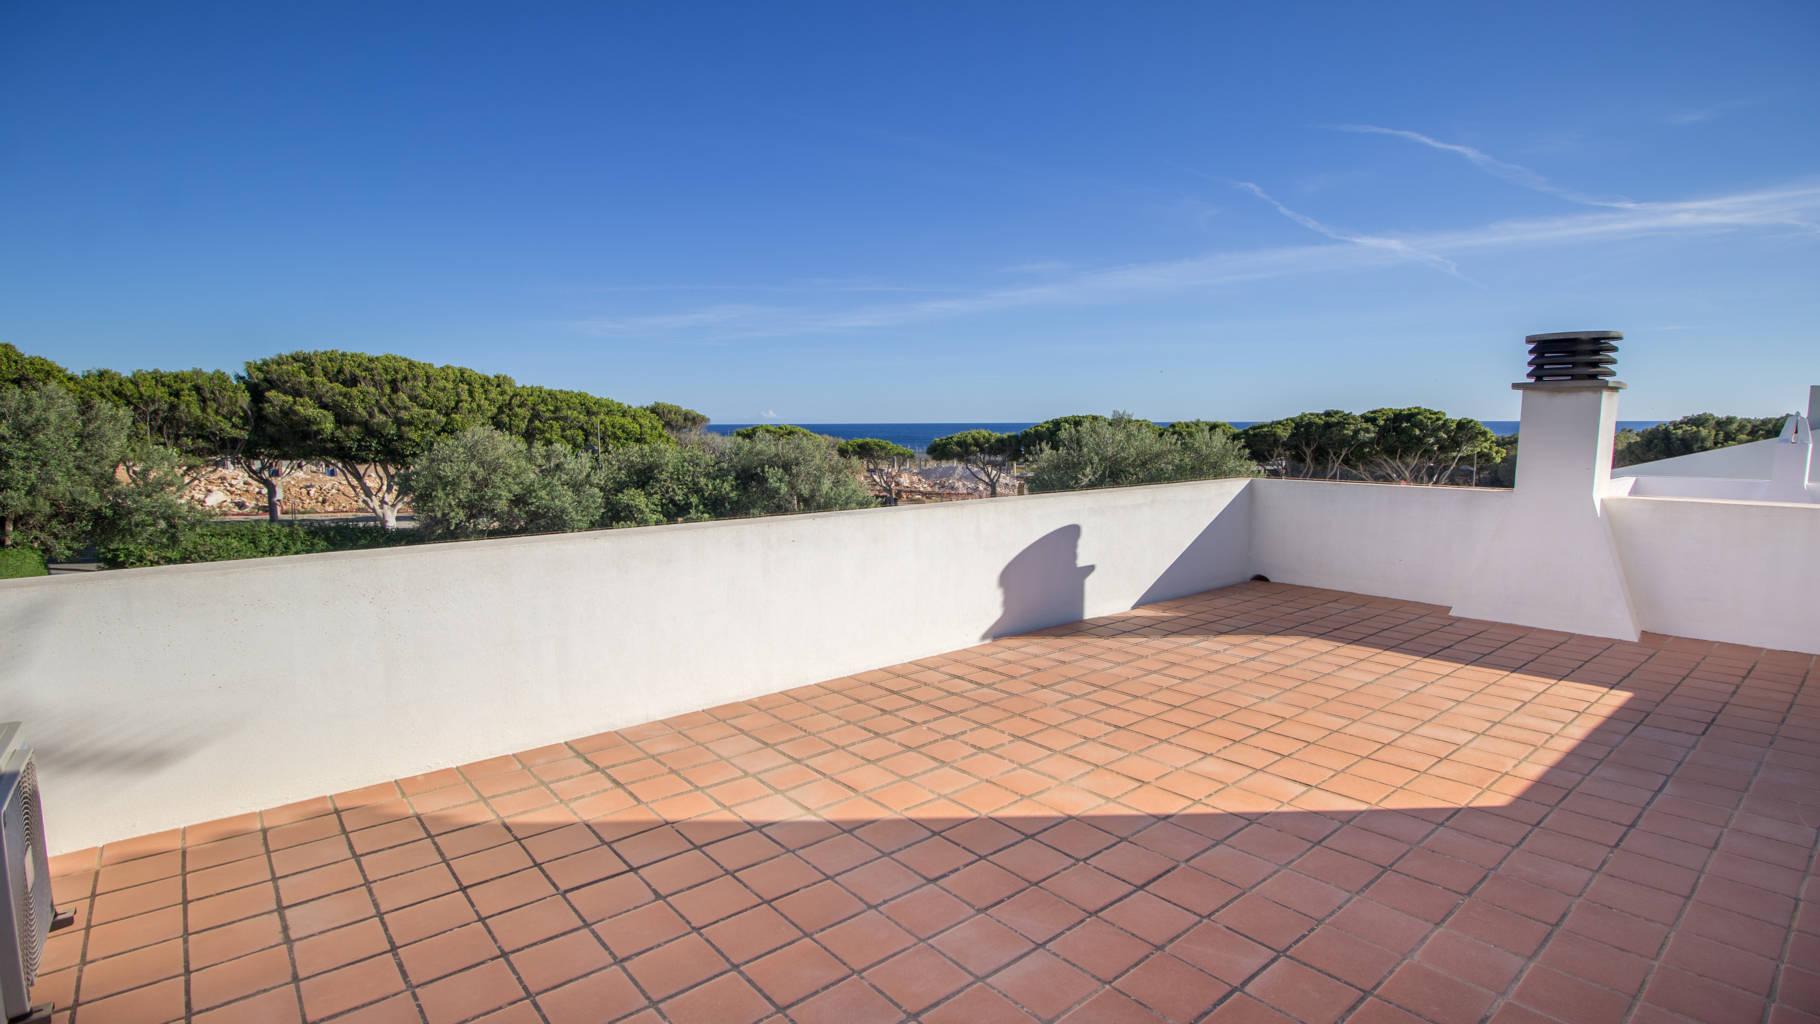 Villa for sale with a sea view in Menorca